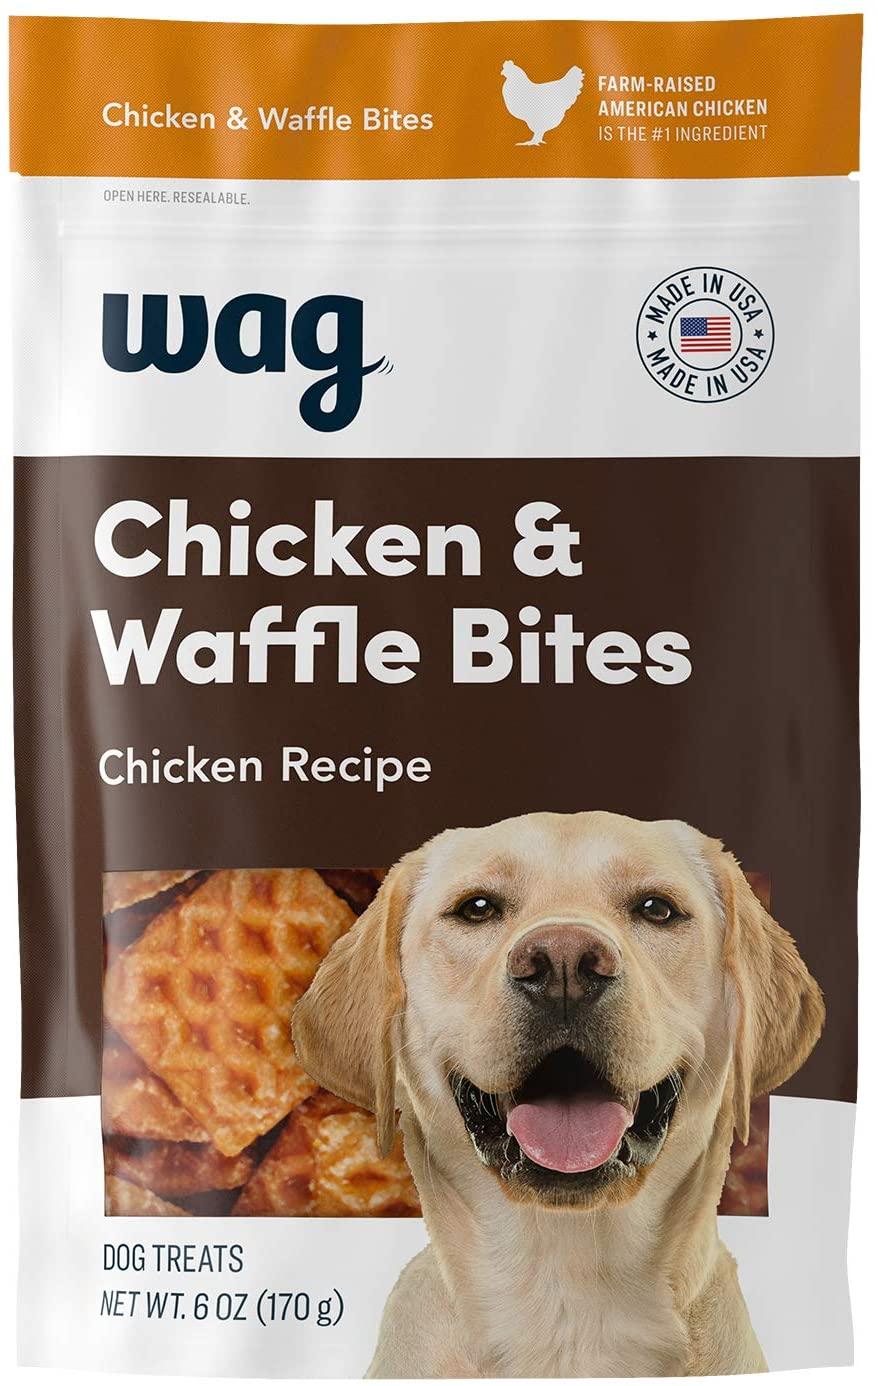 Amazon Brand Wag Dog Treats (Chicken & Waffle Bites): 6-oz Bag $3.29, 12-oz Bag $4.49, 24-oz Bag $7.69 w/ Subscribe & Save